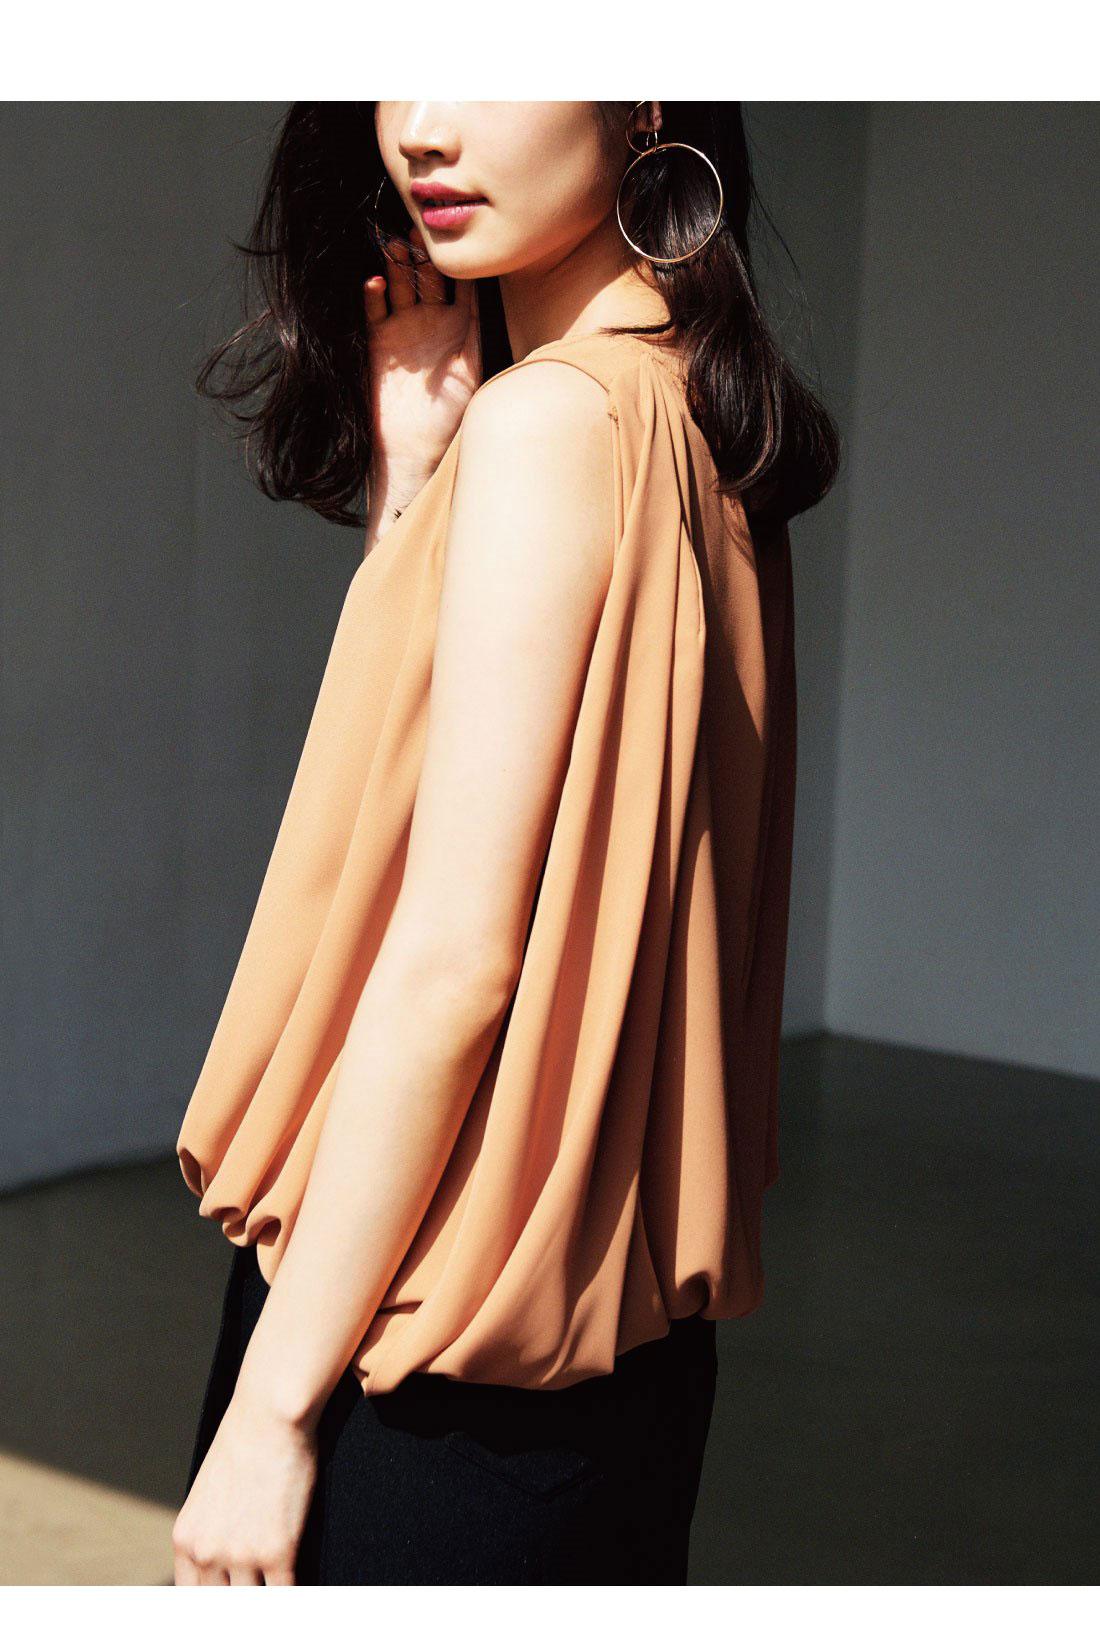 すらりと腕がのぞく女っぽいブラウスは、優美なシルエットを生かして、シンプルなボトムスと合わせるのがおすすめ。きれいめスカートはもちろん、デニムで大人カジュアルに着こなすのも素敵です。